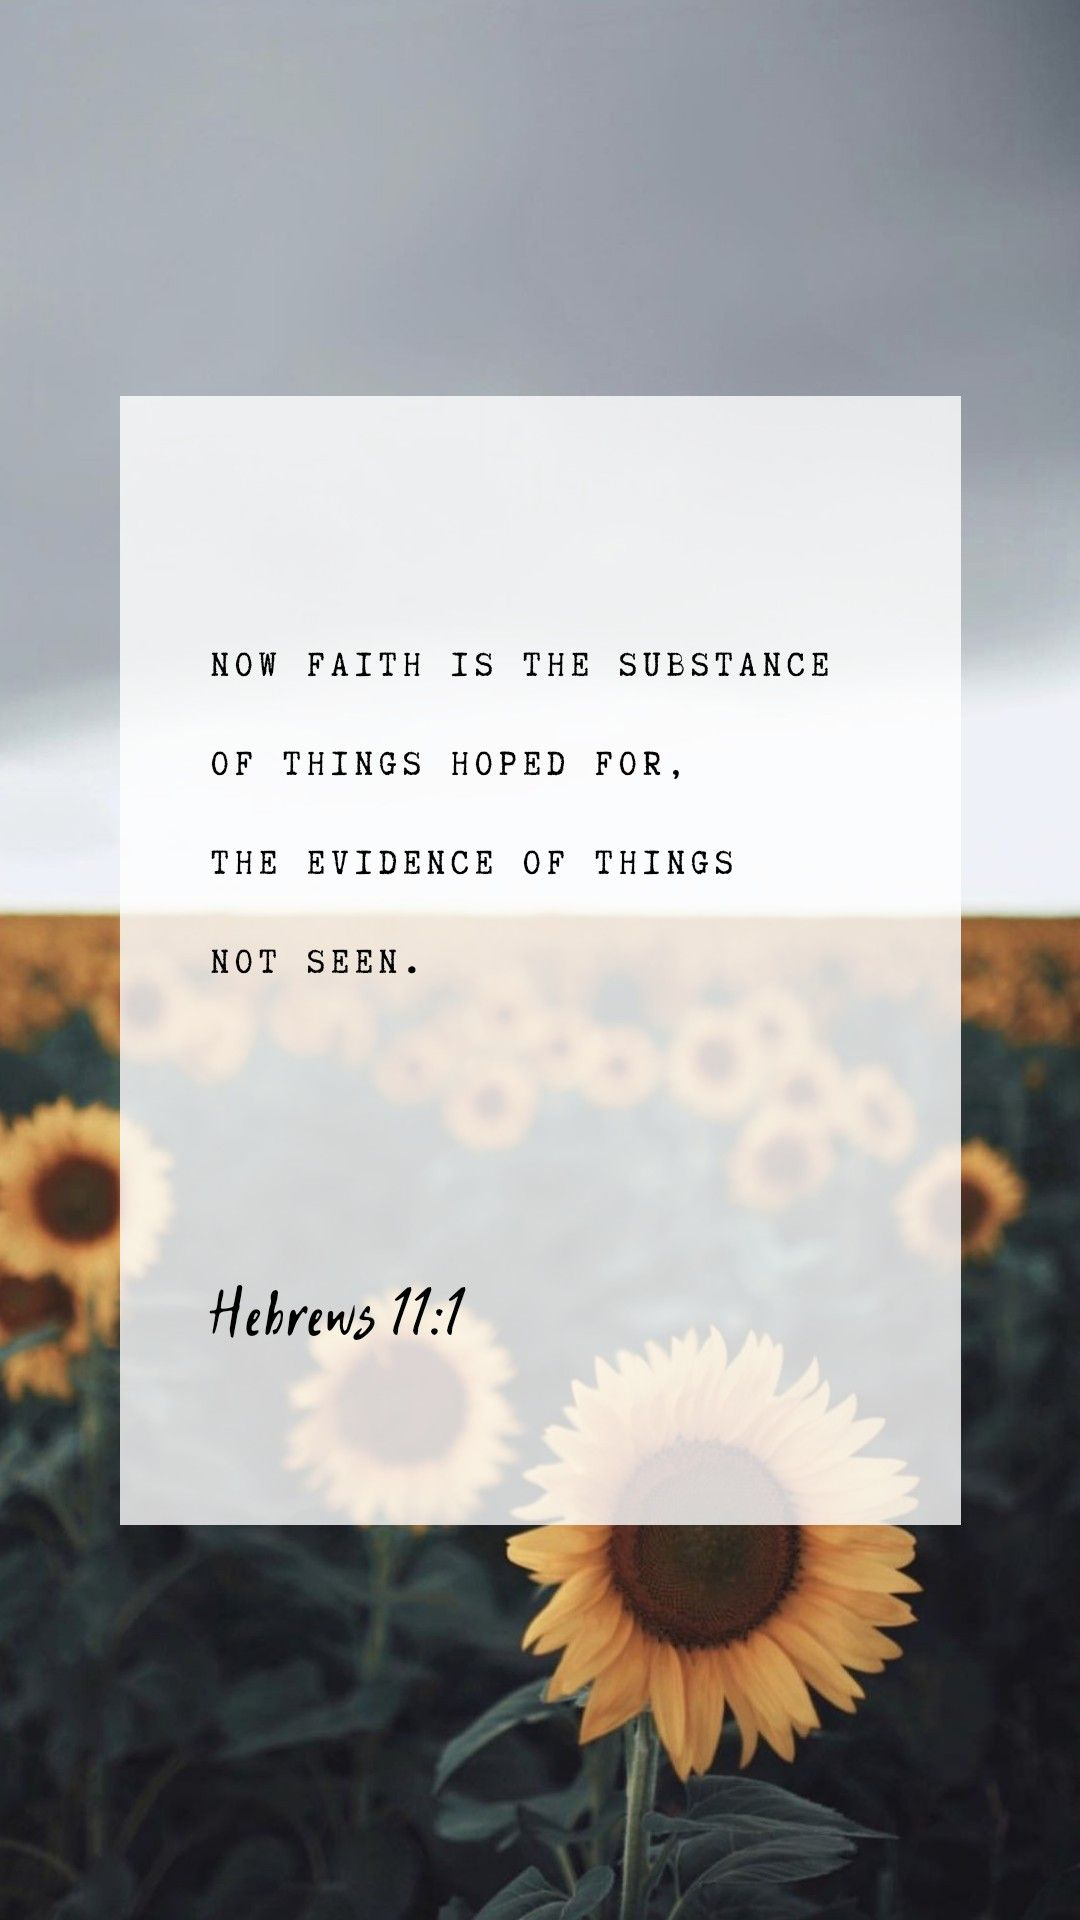 Hebrews 11:1 KJV